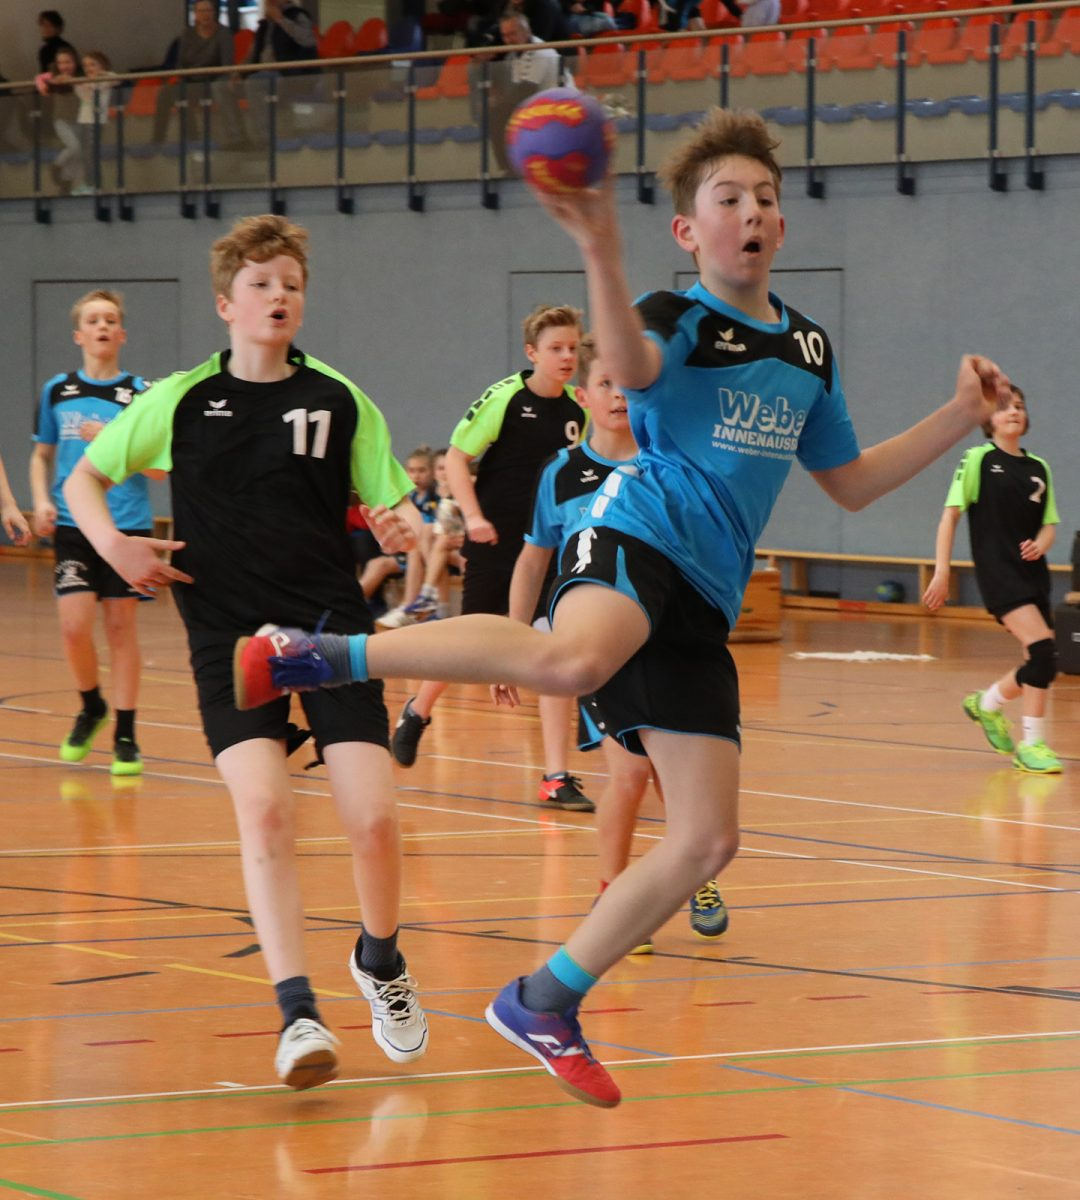 Punktspiel D-Jugend SG Chemnitzer HC